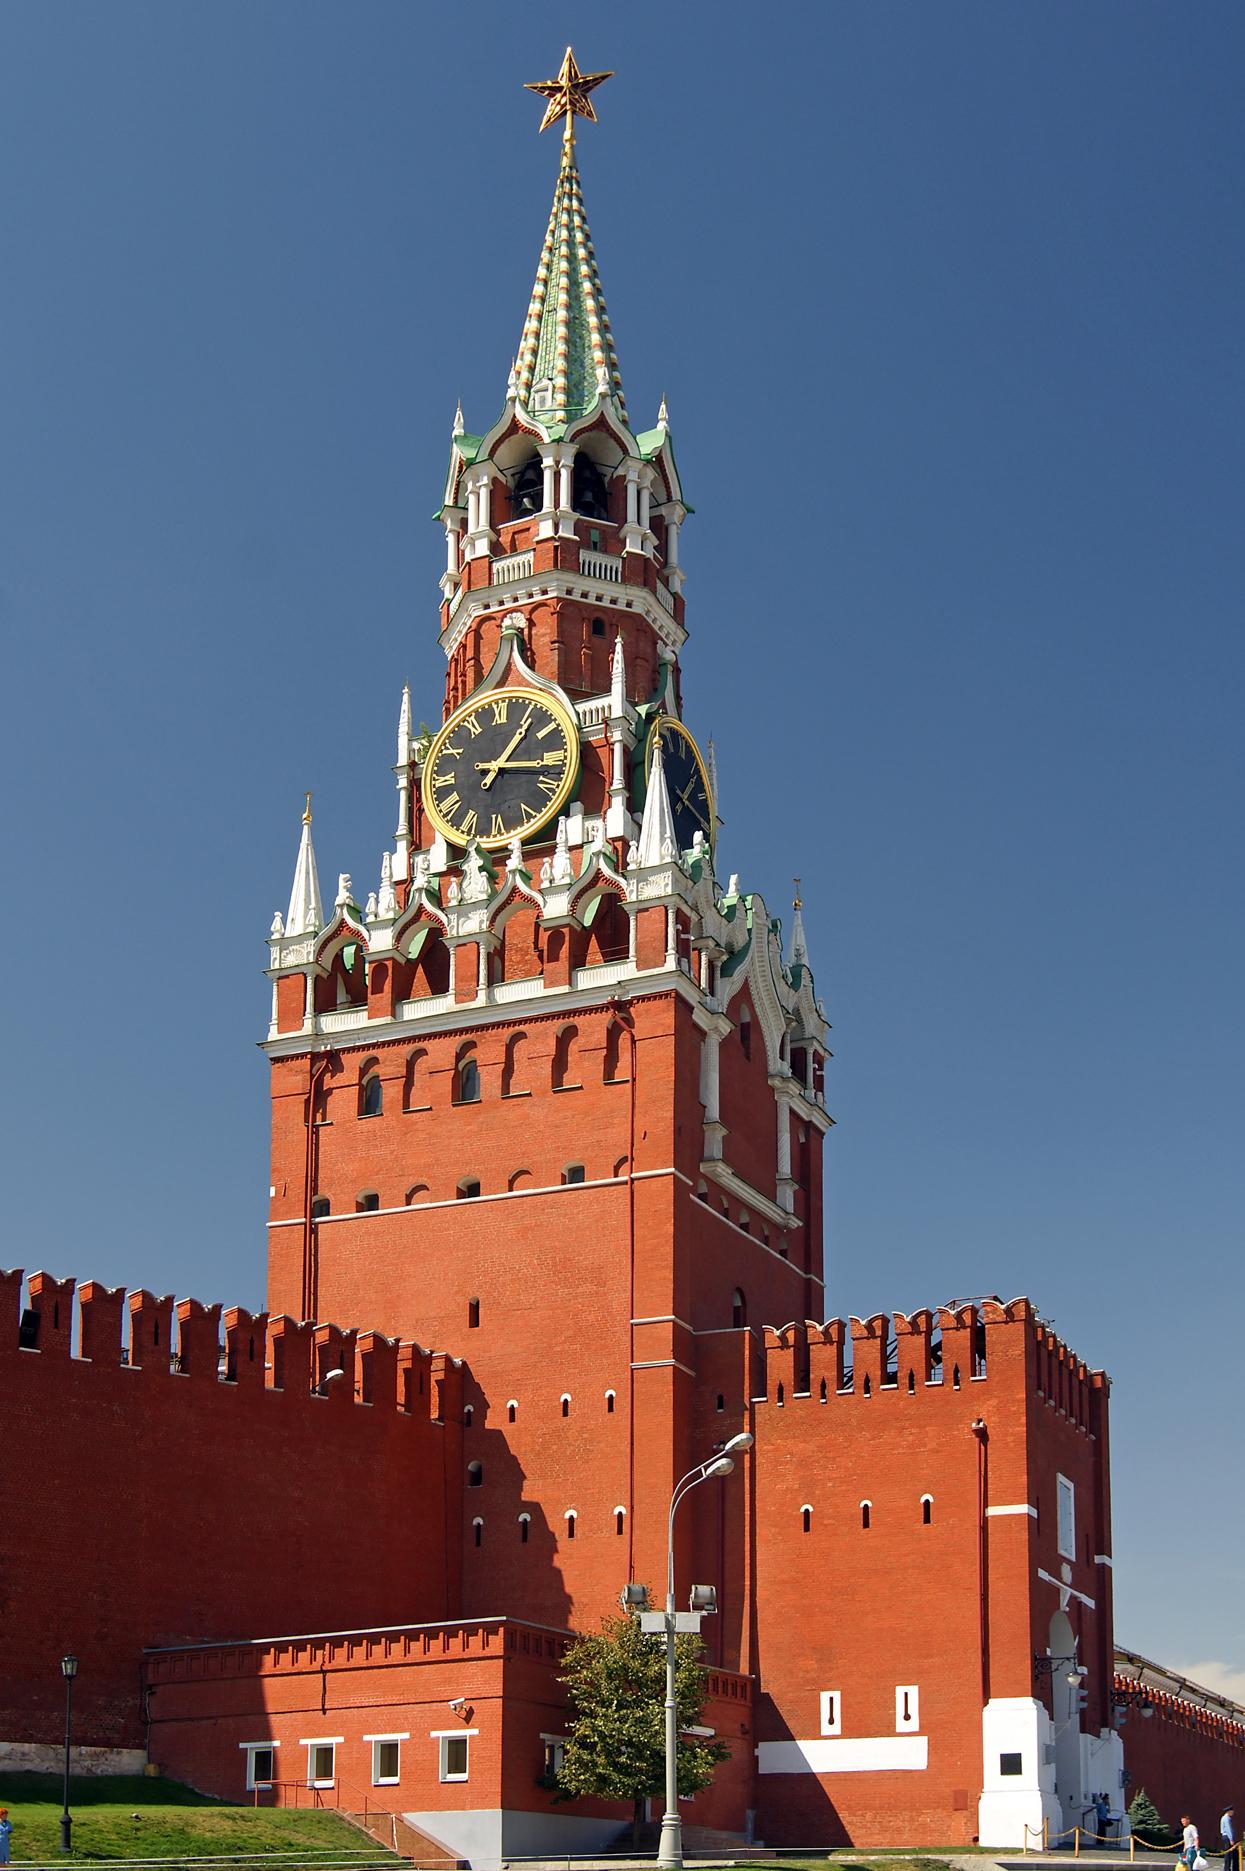 Кремль москва фото часы